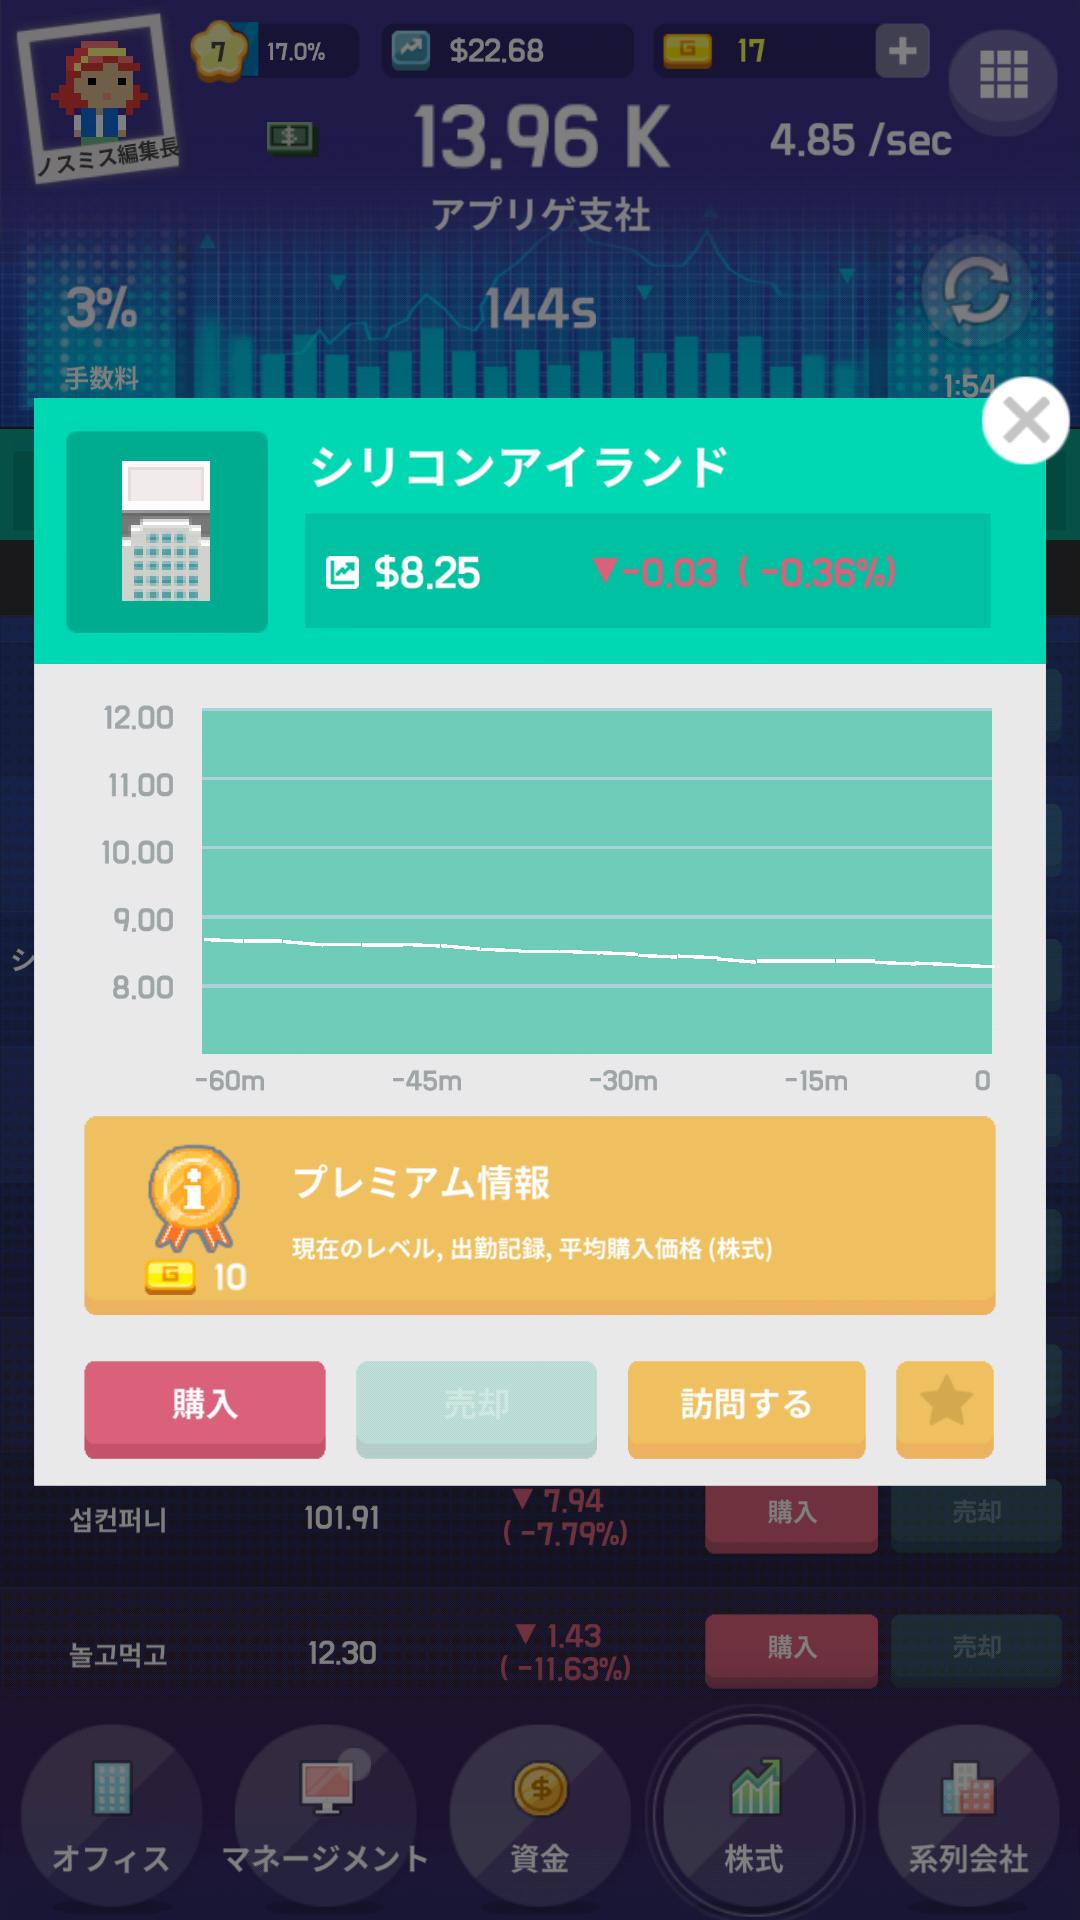 androidアプリ シリコンバレー : ビリオネラー攻略スクリーンショット6